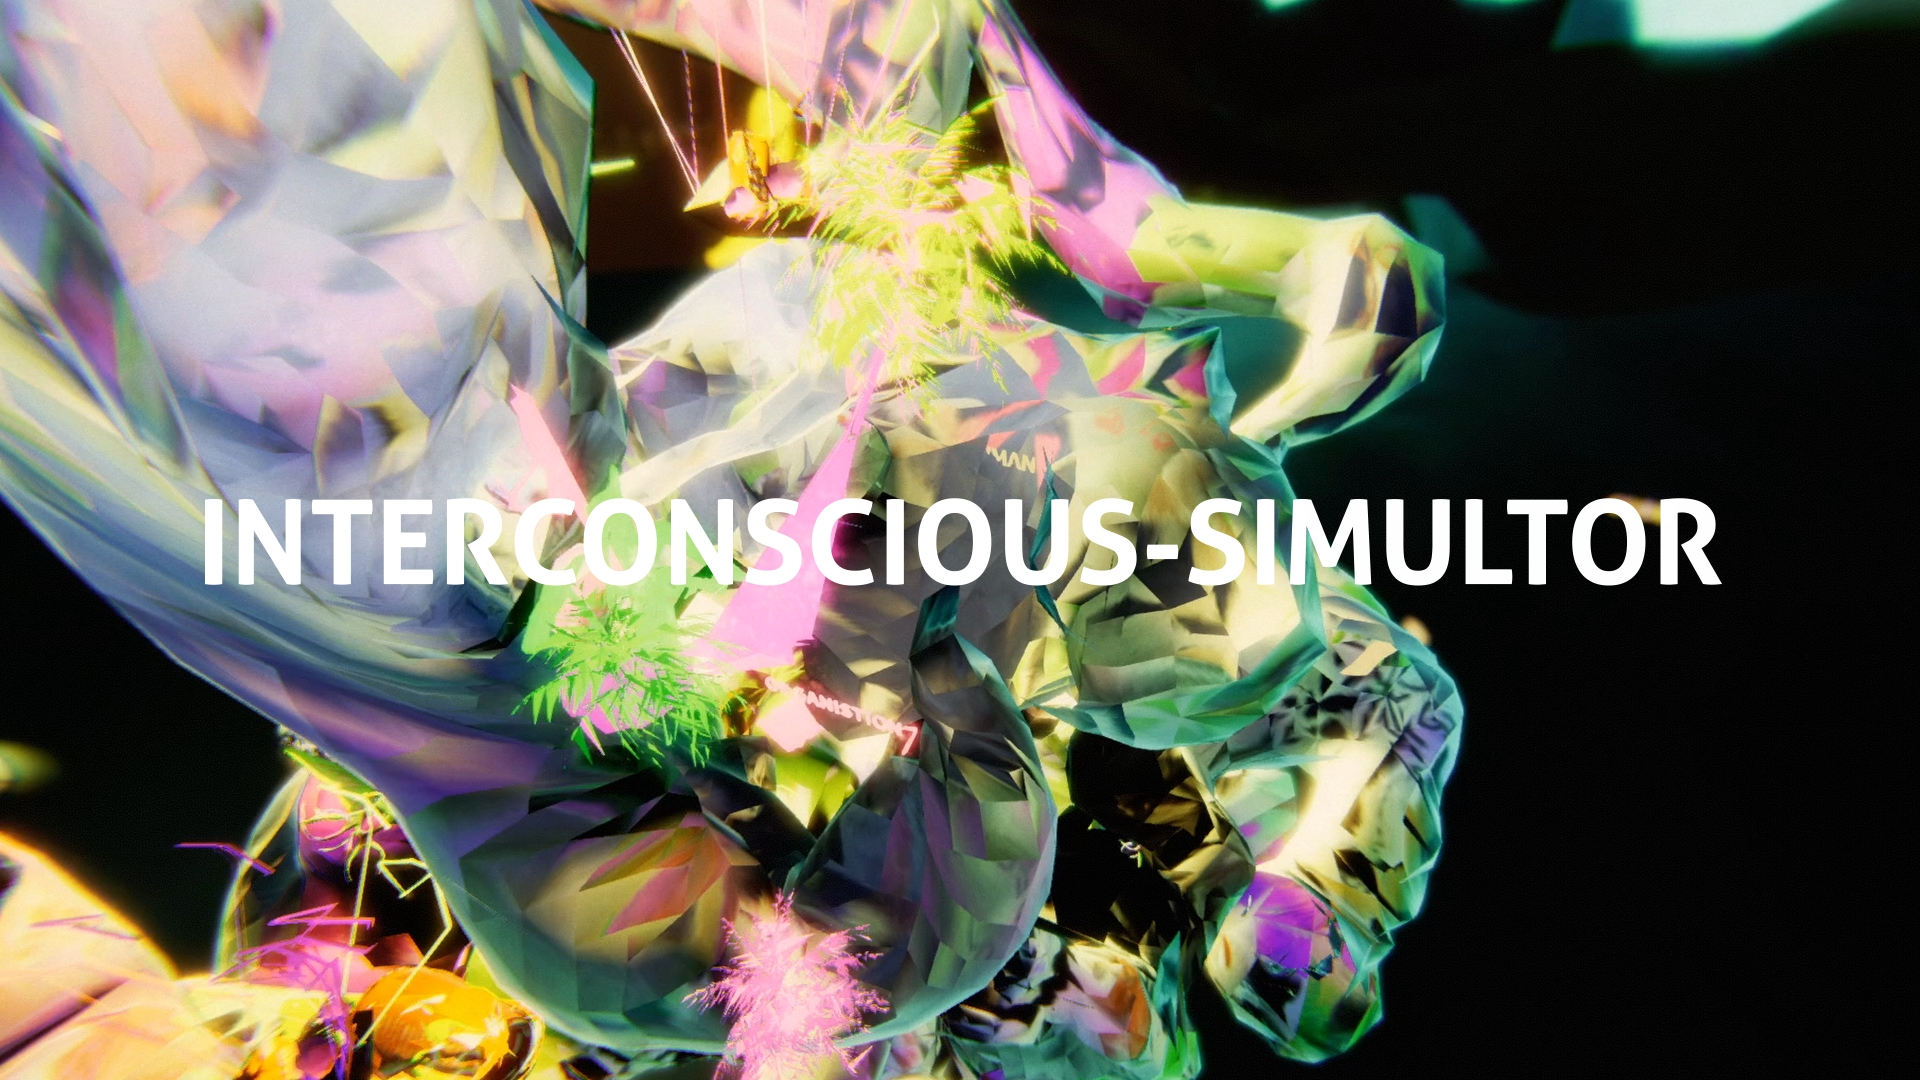 Interconscious